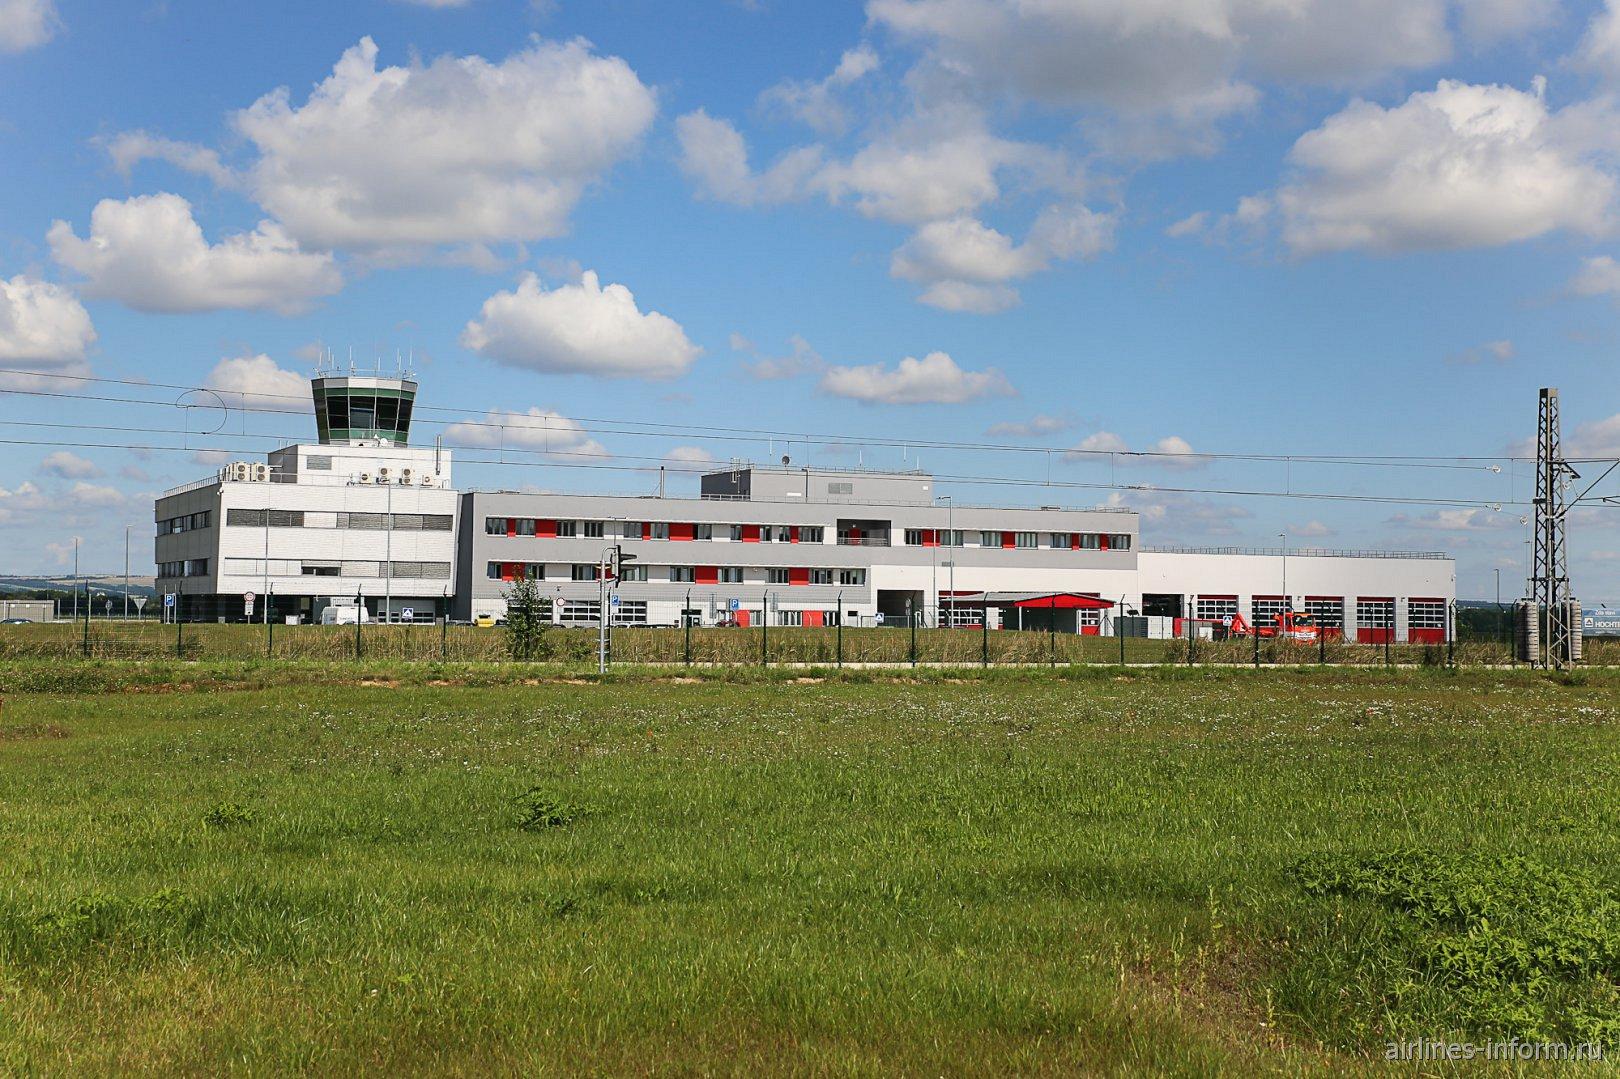 Административное здание и диспетчерская вышка аэропорта Острава